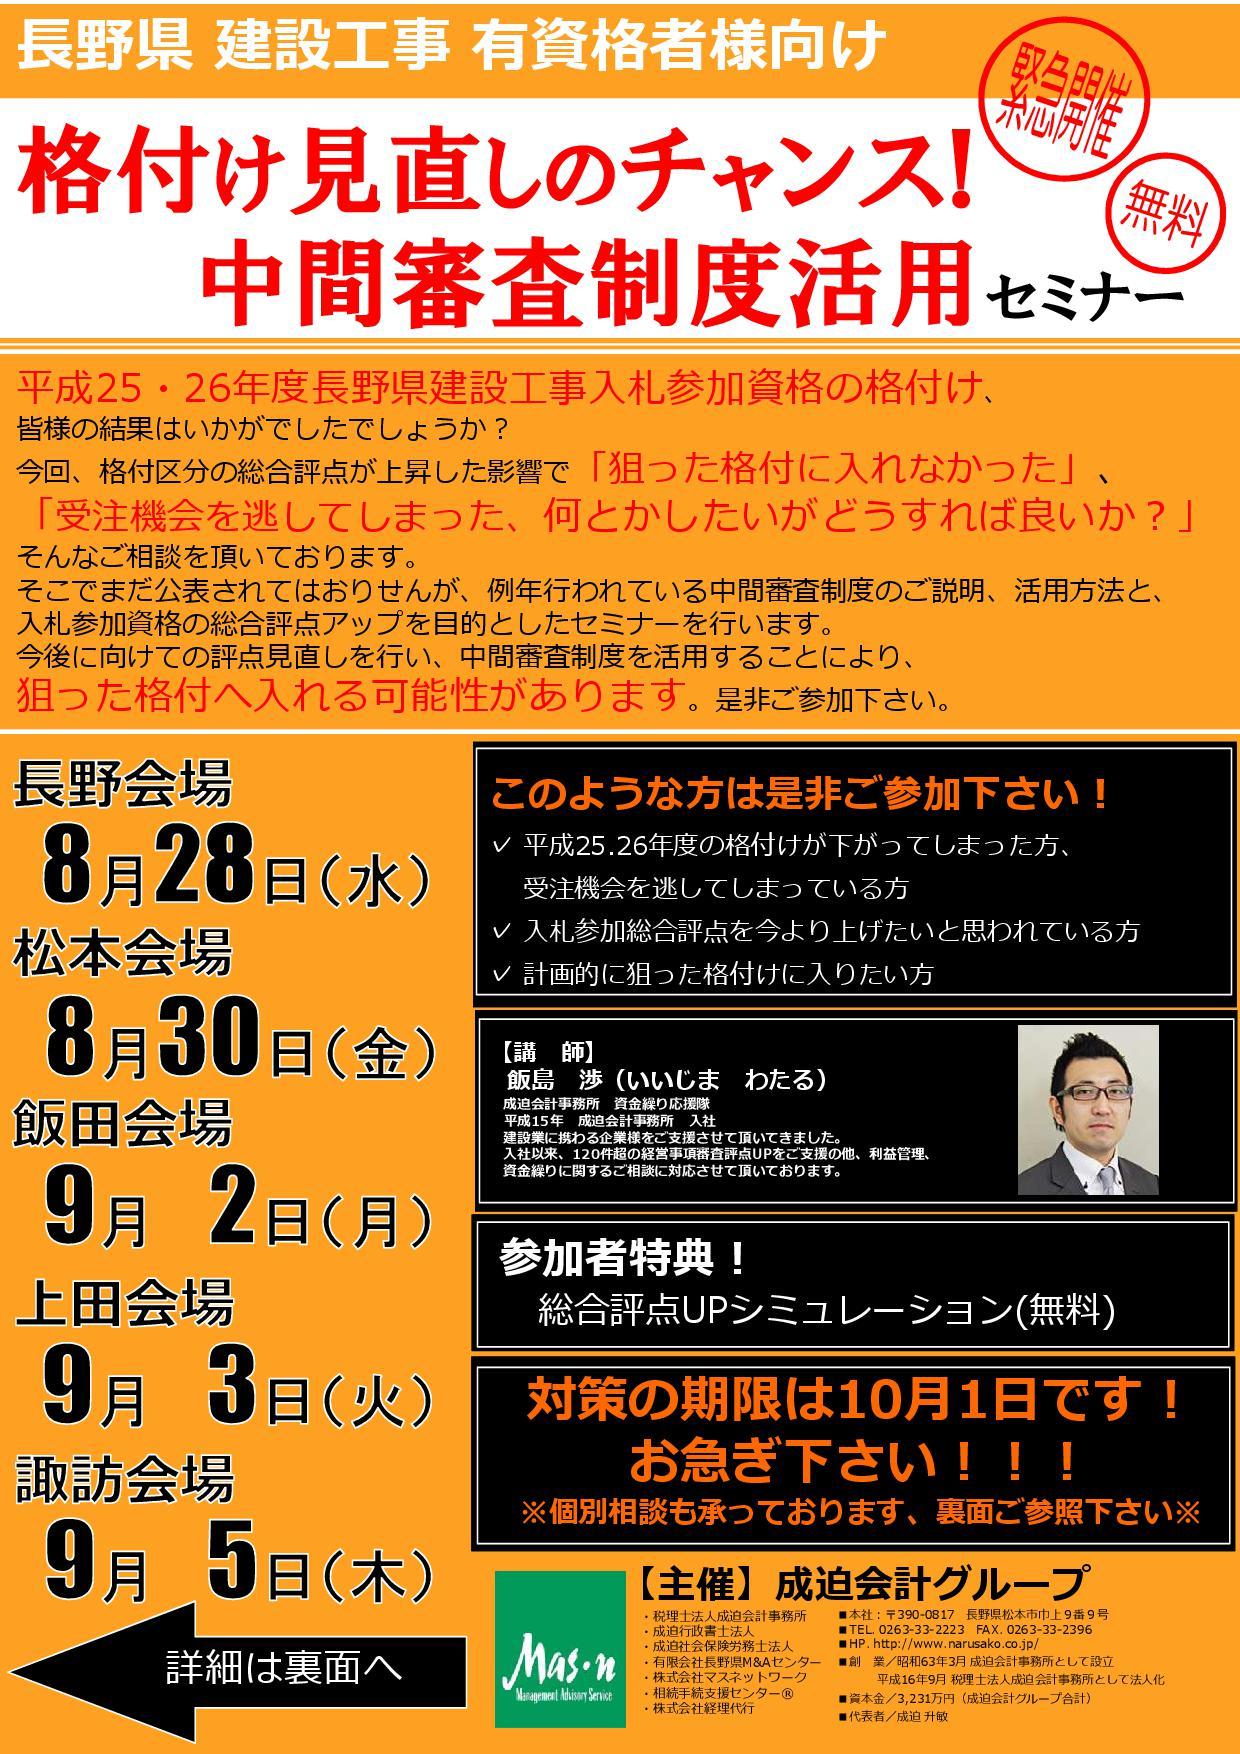 中間審査セミナー[表裏]-001.jpg